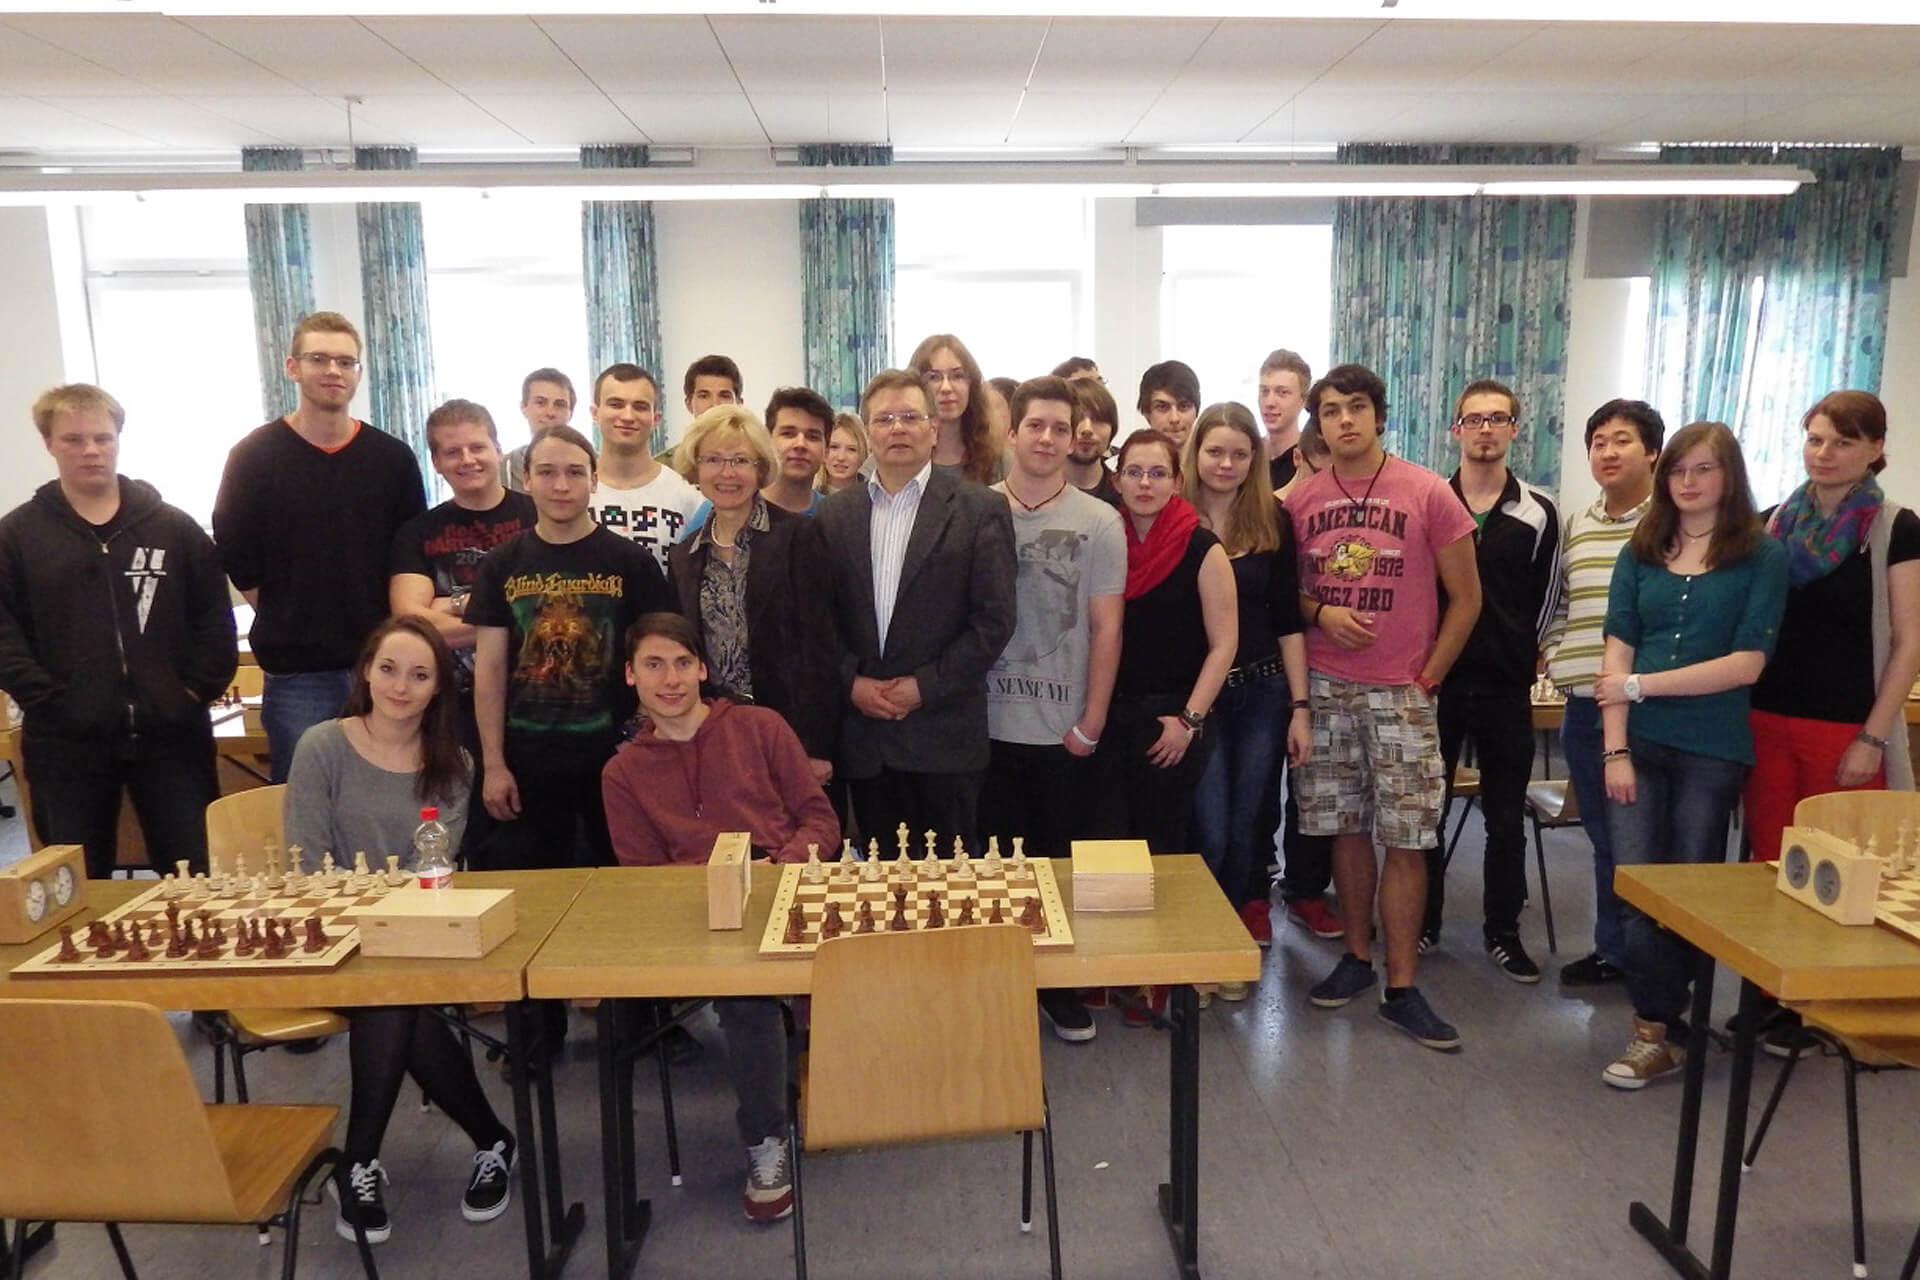 schulleben-schach-content-impressionen-2